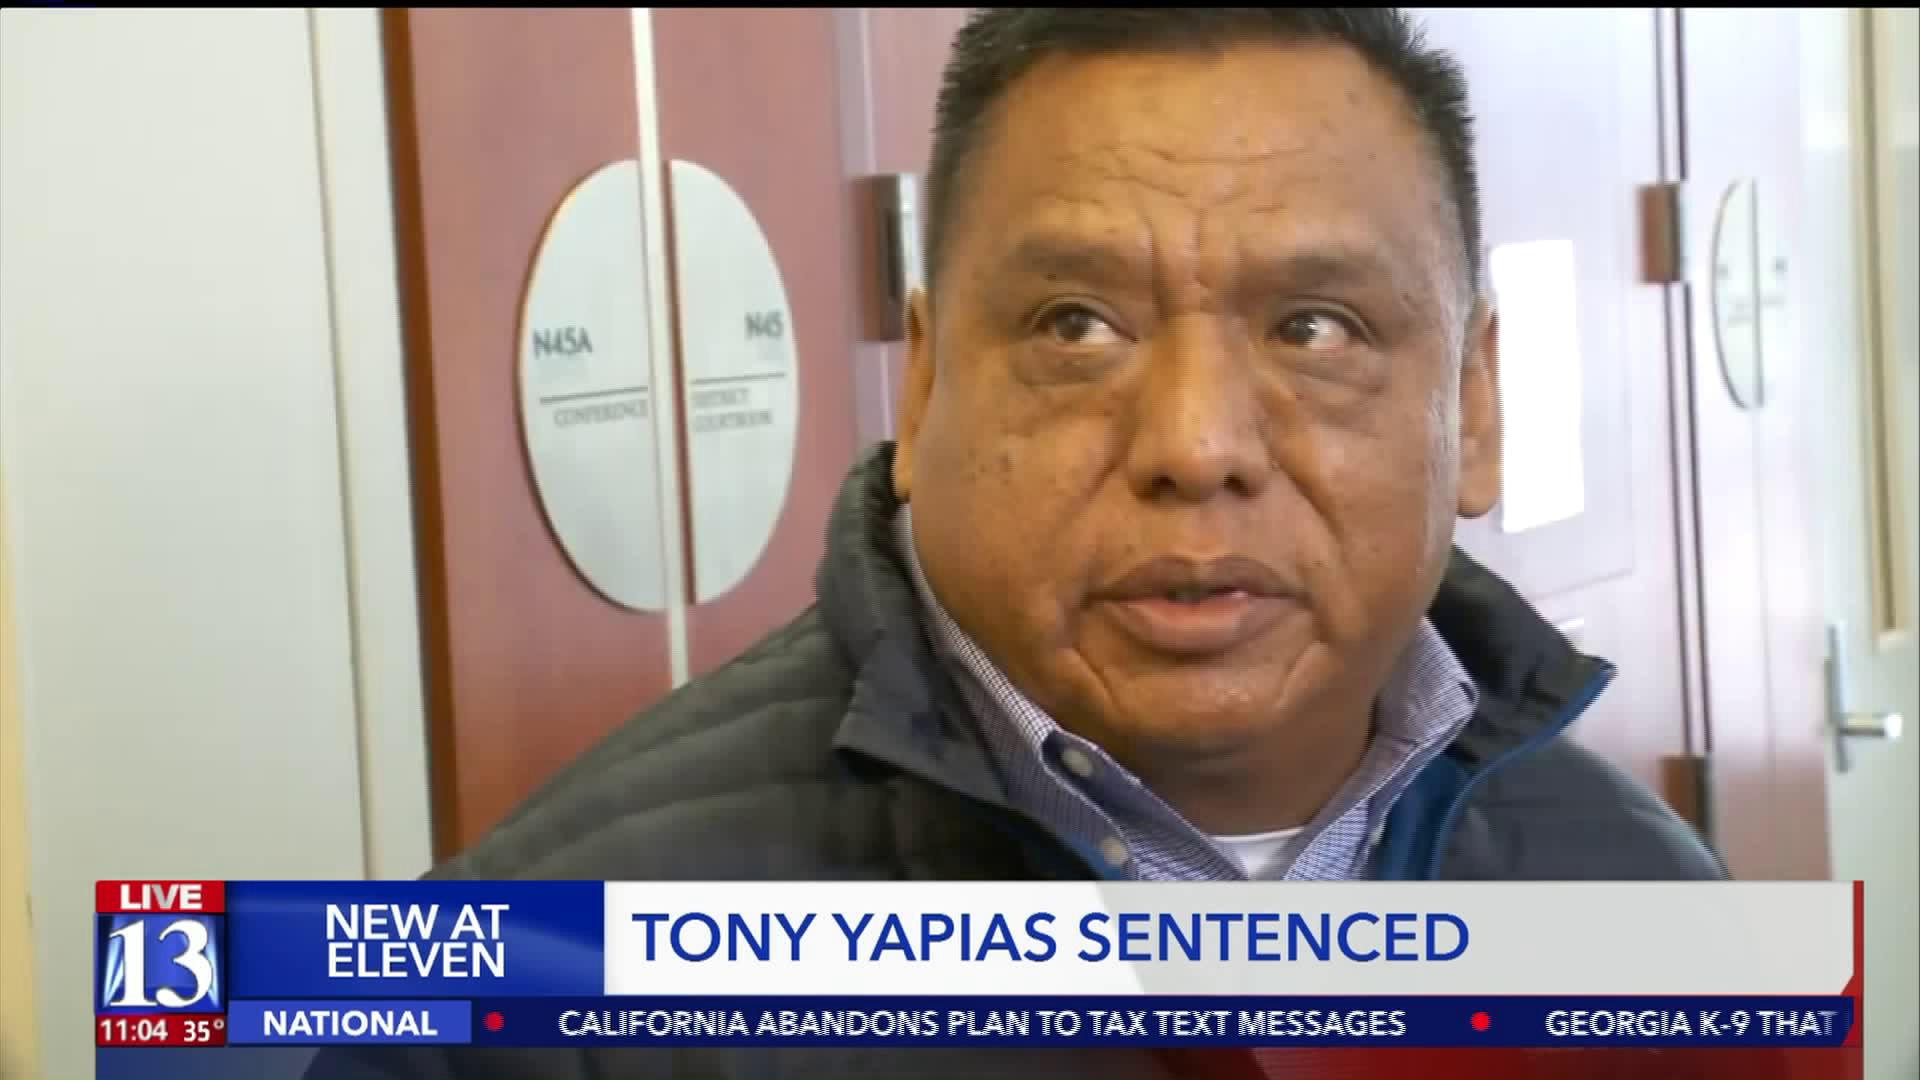 Tony yapias rape